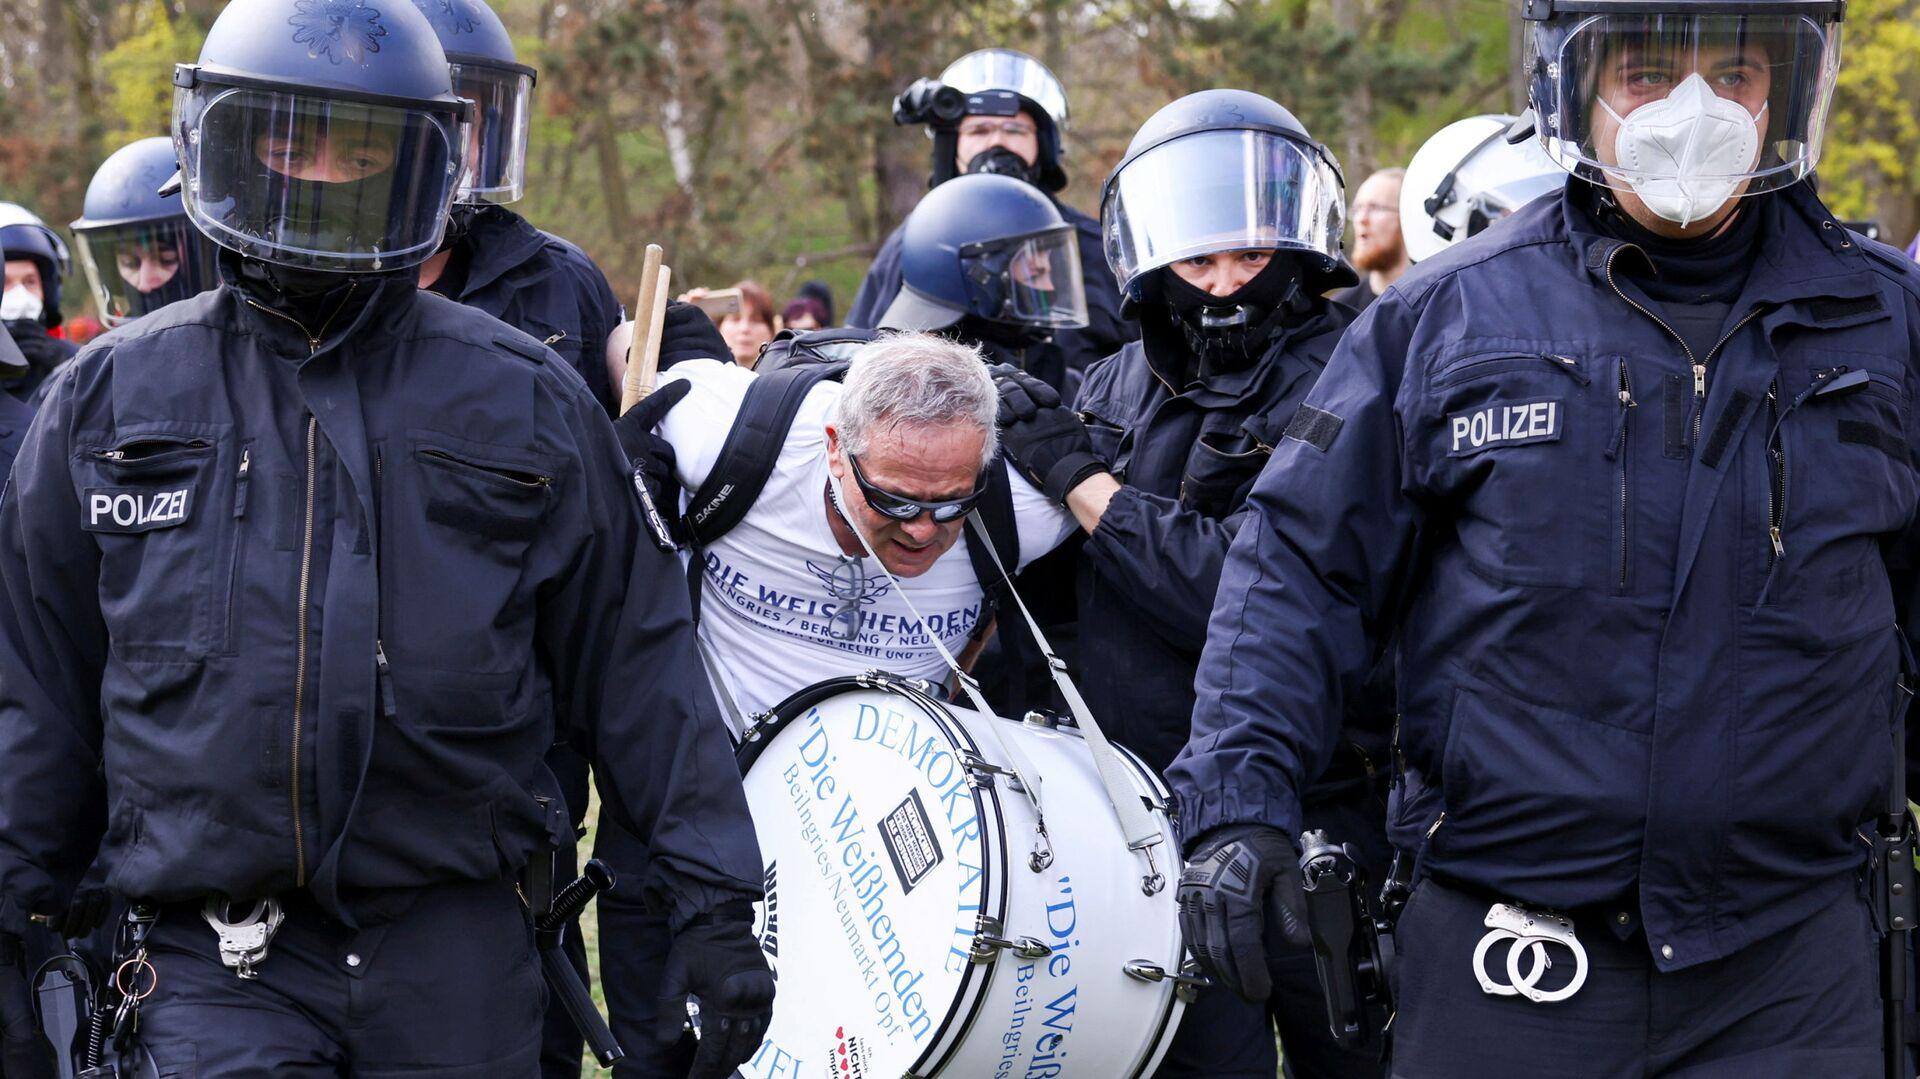 Сотрудники полиции задерживают участника акции протеста против политики правительства Германии по борьбе с пандемией коронавируса - Sputnik Česká republika, 1920, 21.04.2021